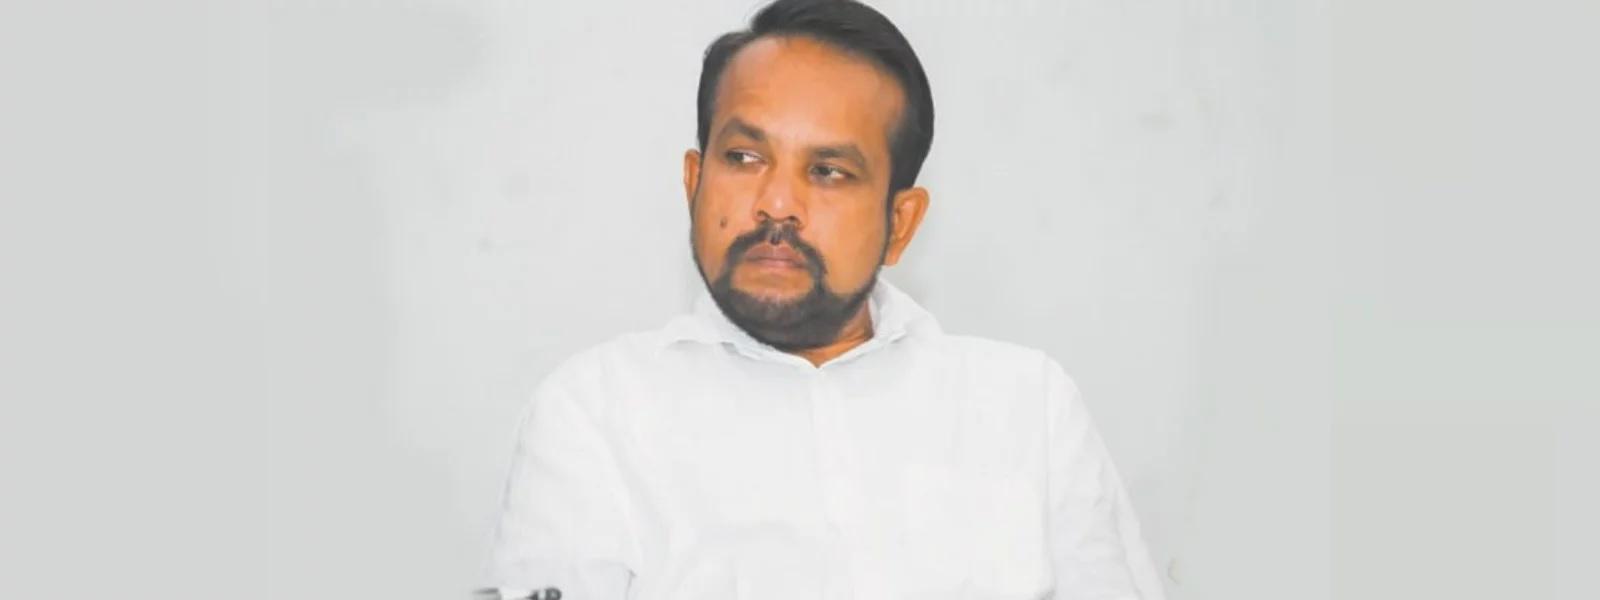 பாராளுமன்ற உறுப்பினர் ரஞ்சித் டி சொய்சா காலமானார்